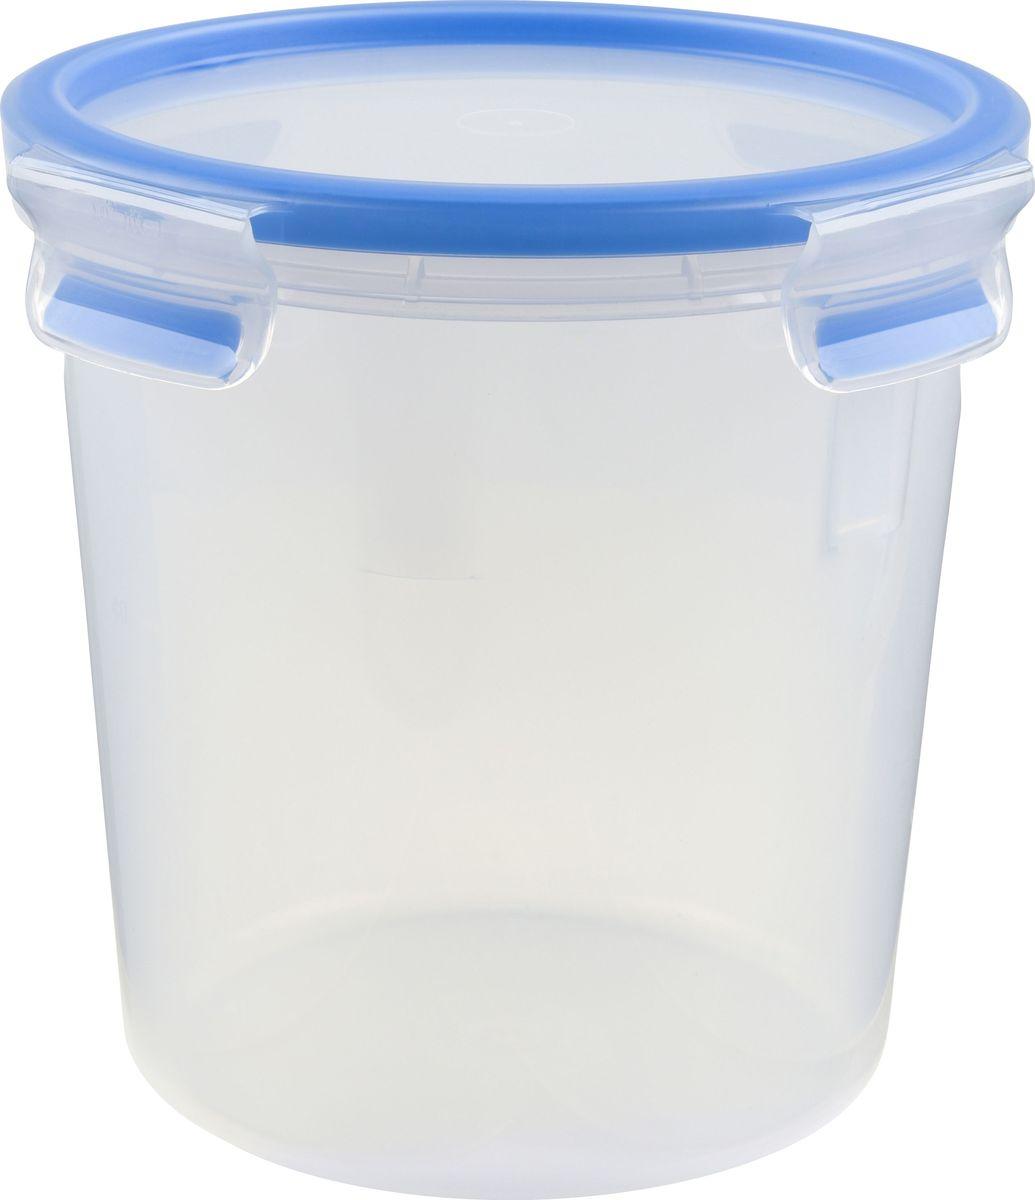 Контейнер пищевой Emsa Clip&Close, 2 л508553Контейнер Emsa Clip&Close изготовлен из высококачественного антибактериального пищевого пластика, имеющего сертификат BPA-free, который выдерживает температуру от -40°С до +110°С, не впитывает запахи и не изменяет цвет. Это абсолютно гигиеничный продукт, который подходит для хранения даже детского питания. 100% герметичность - идеально не только для хранения, но и для транспортировки пищи. Герметичность достигается за счет специальных силиконовых прослоек, которые позволяют использовать контейнер для хранения не только пищи, но и жидкости. В таком контейнере продукты долгое время сохраняют свою свежесть - до 4-х раз дольше по сравнению с обычными, в том числе и вакуумными контейнерами. 100% гигиеничность - уникальная технология применения медицинского силикона в уплотнителе крышки: никаких полостей - никаких микробов. Изделие снабжено крышкой, плотно закрывающейся на 4 защелки. 100% удобство - прозрачные стенки позволяют просматривать содержимое, сохранение пространства за счёт лёгкой установки контейнеров друг на друга. Изделие подходит для домашнего использования, для пикников, поездок, отдыха на природе, его можно взять с собой на работу или учебу. Можно использовать в СВЧ-печах, холодильниках, посудомоечных машинах, морозильных камерах.